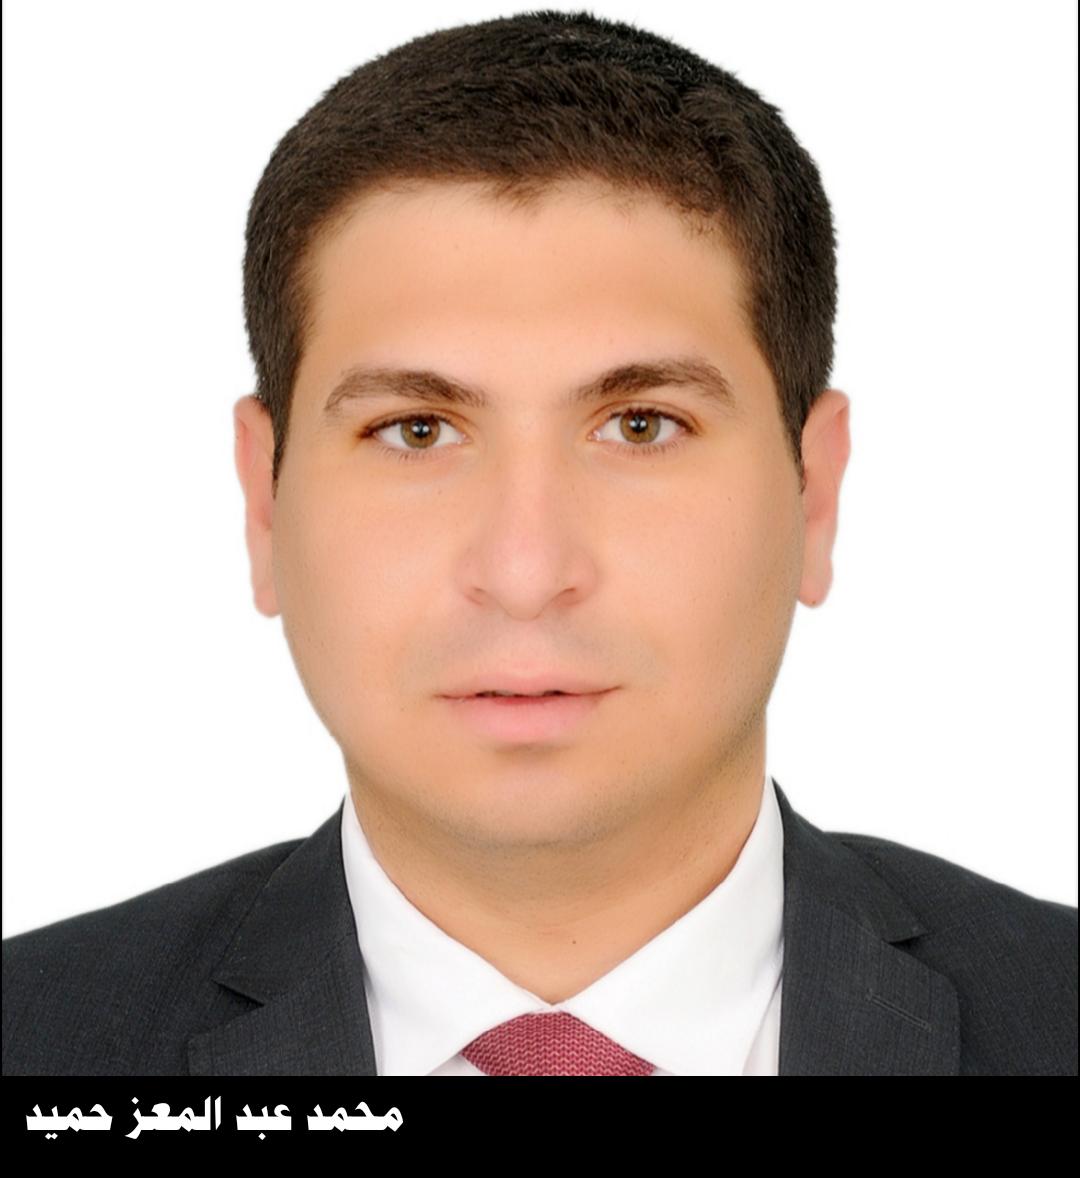 """كتاب جديد للكاتب """"محمد عبد المعز حميد """" يرصد دور وسائل التواصل الاجتماعي بعنوان """"الإعلام العفوي"""""""